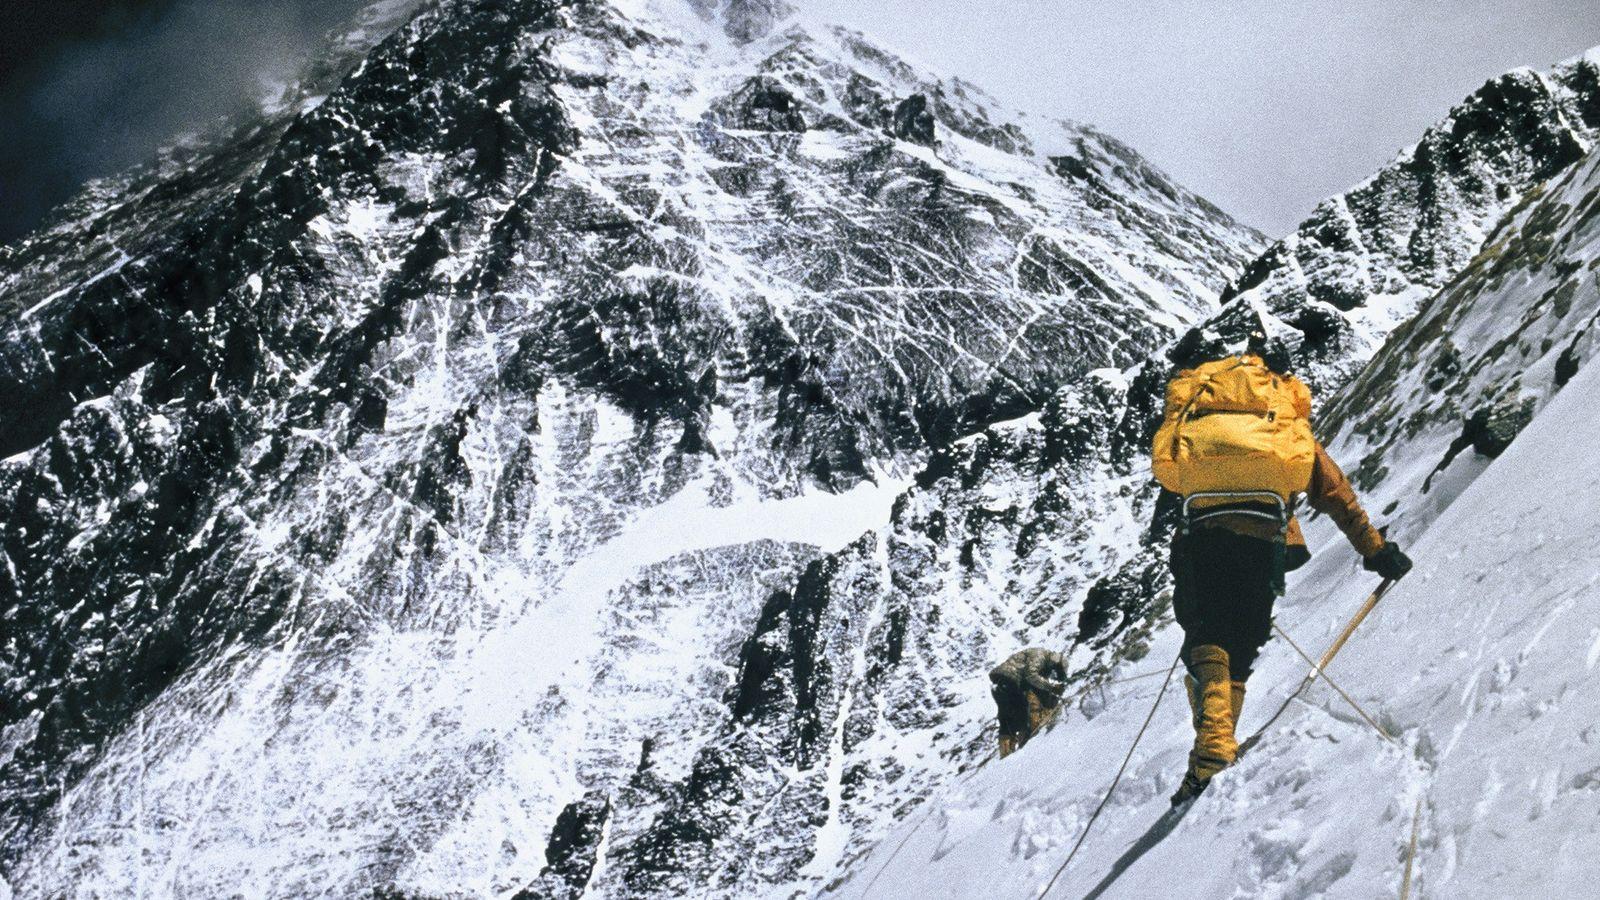 Bergsteiger überqueren den Berghang des Lhotse in schwindelerregenden 7.600 Metern Höhe. Begleitet von Sherpa Nawang Gombu ...